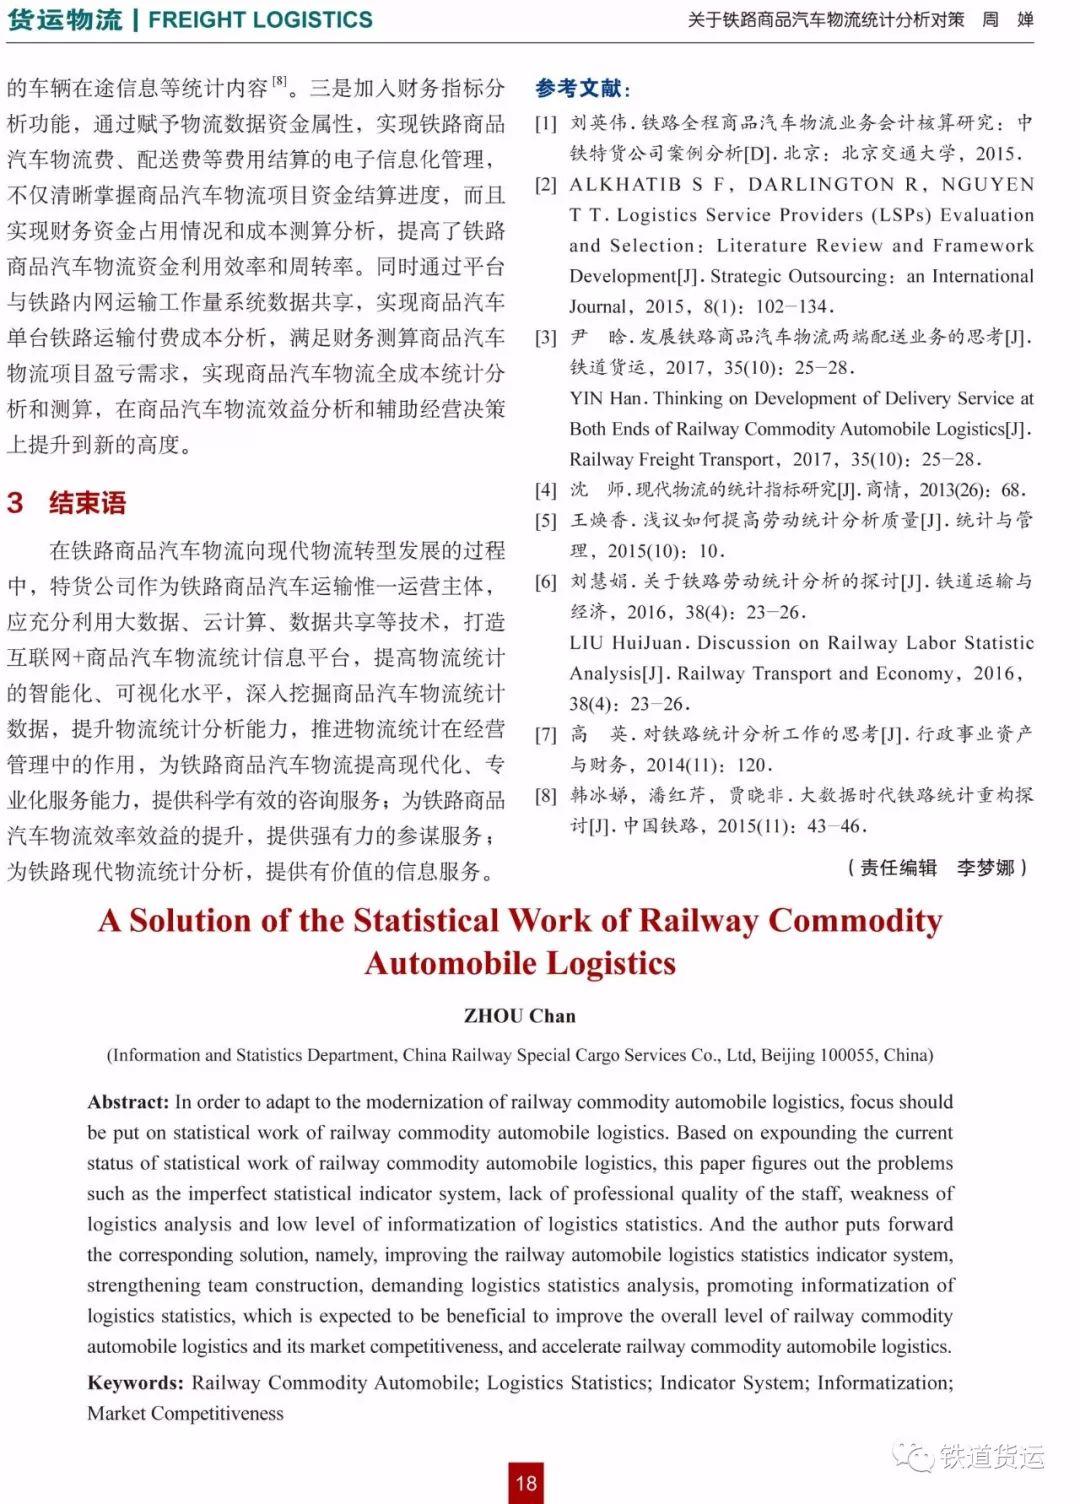 《铁道货运|铁路特货运输:关于铁路商品汽车物流统计分析对策》